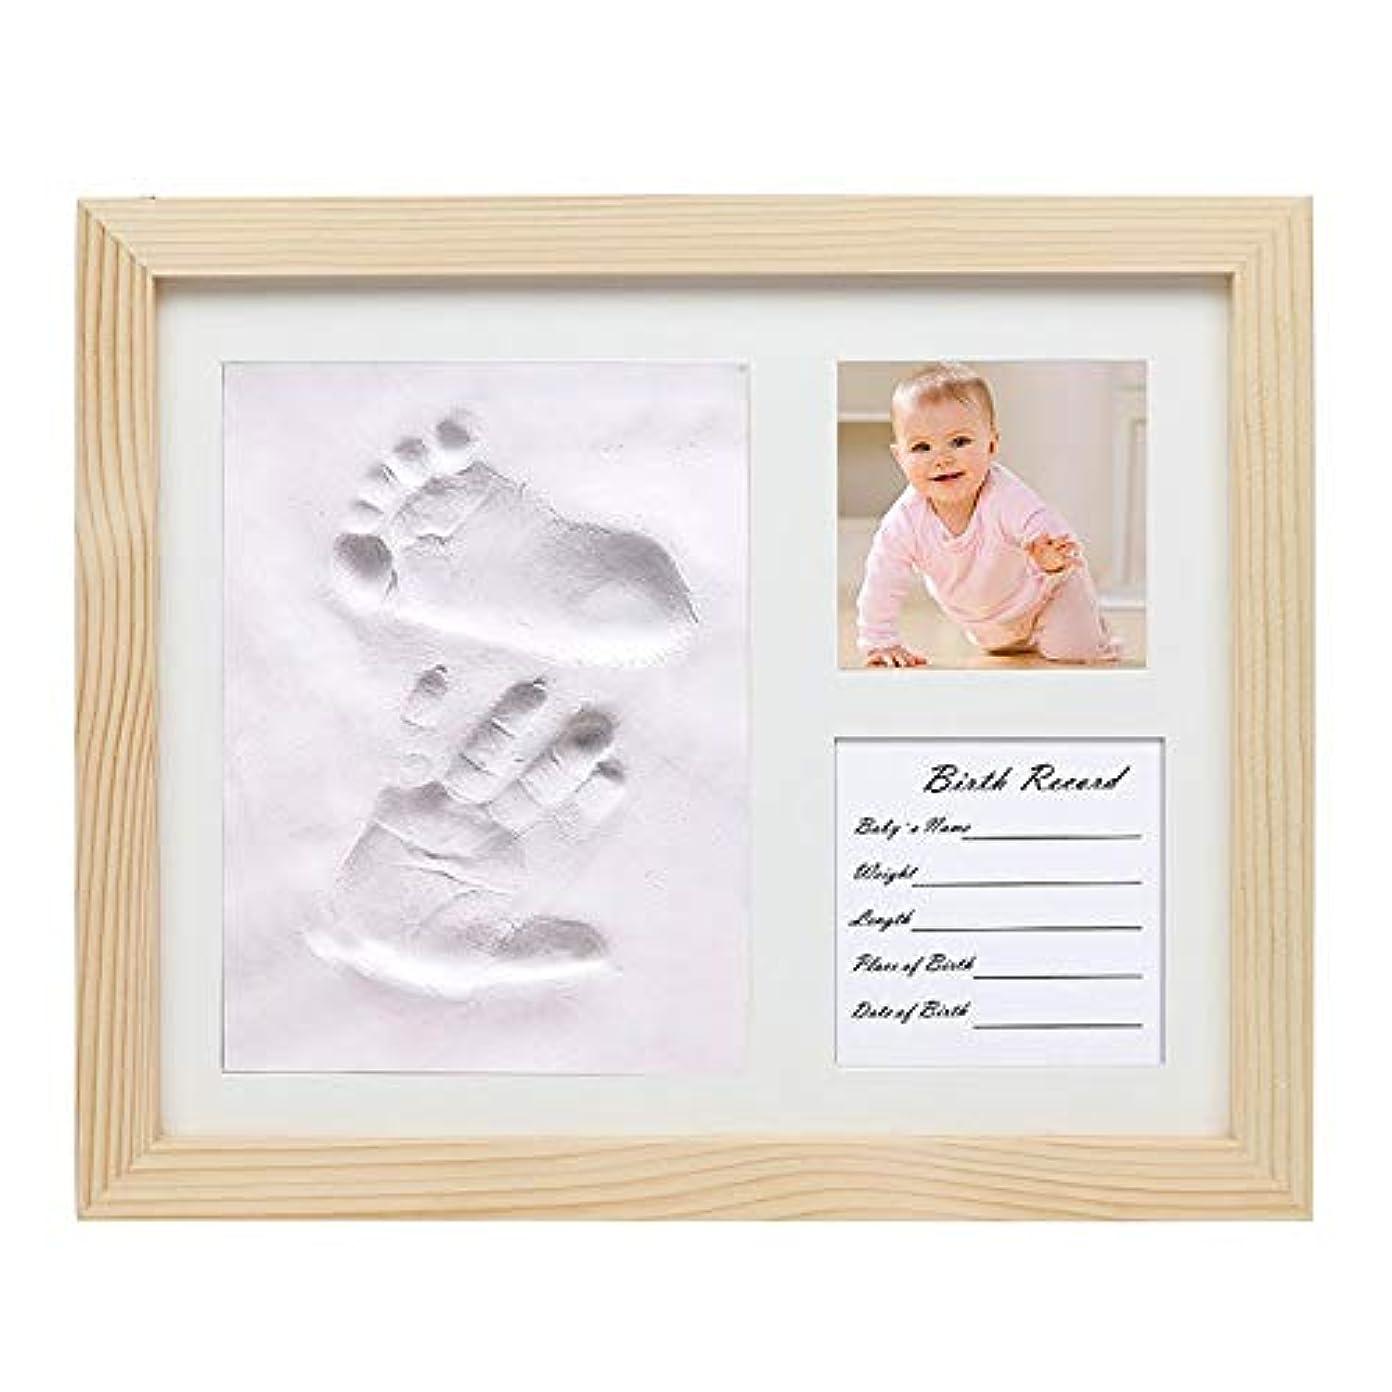 主流ビジョン列挙する赤ちゃん 手形 足形フレーム 新生児安全なメモリーインクパッドパーフェクト記念品ギフトのための新しい親との大切な赤ちゃんの手形&フットプリントフォトフレームキット 出産祝いの用品に最適です (Color : Wood color, Size : 28x23x2cm)